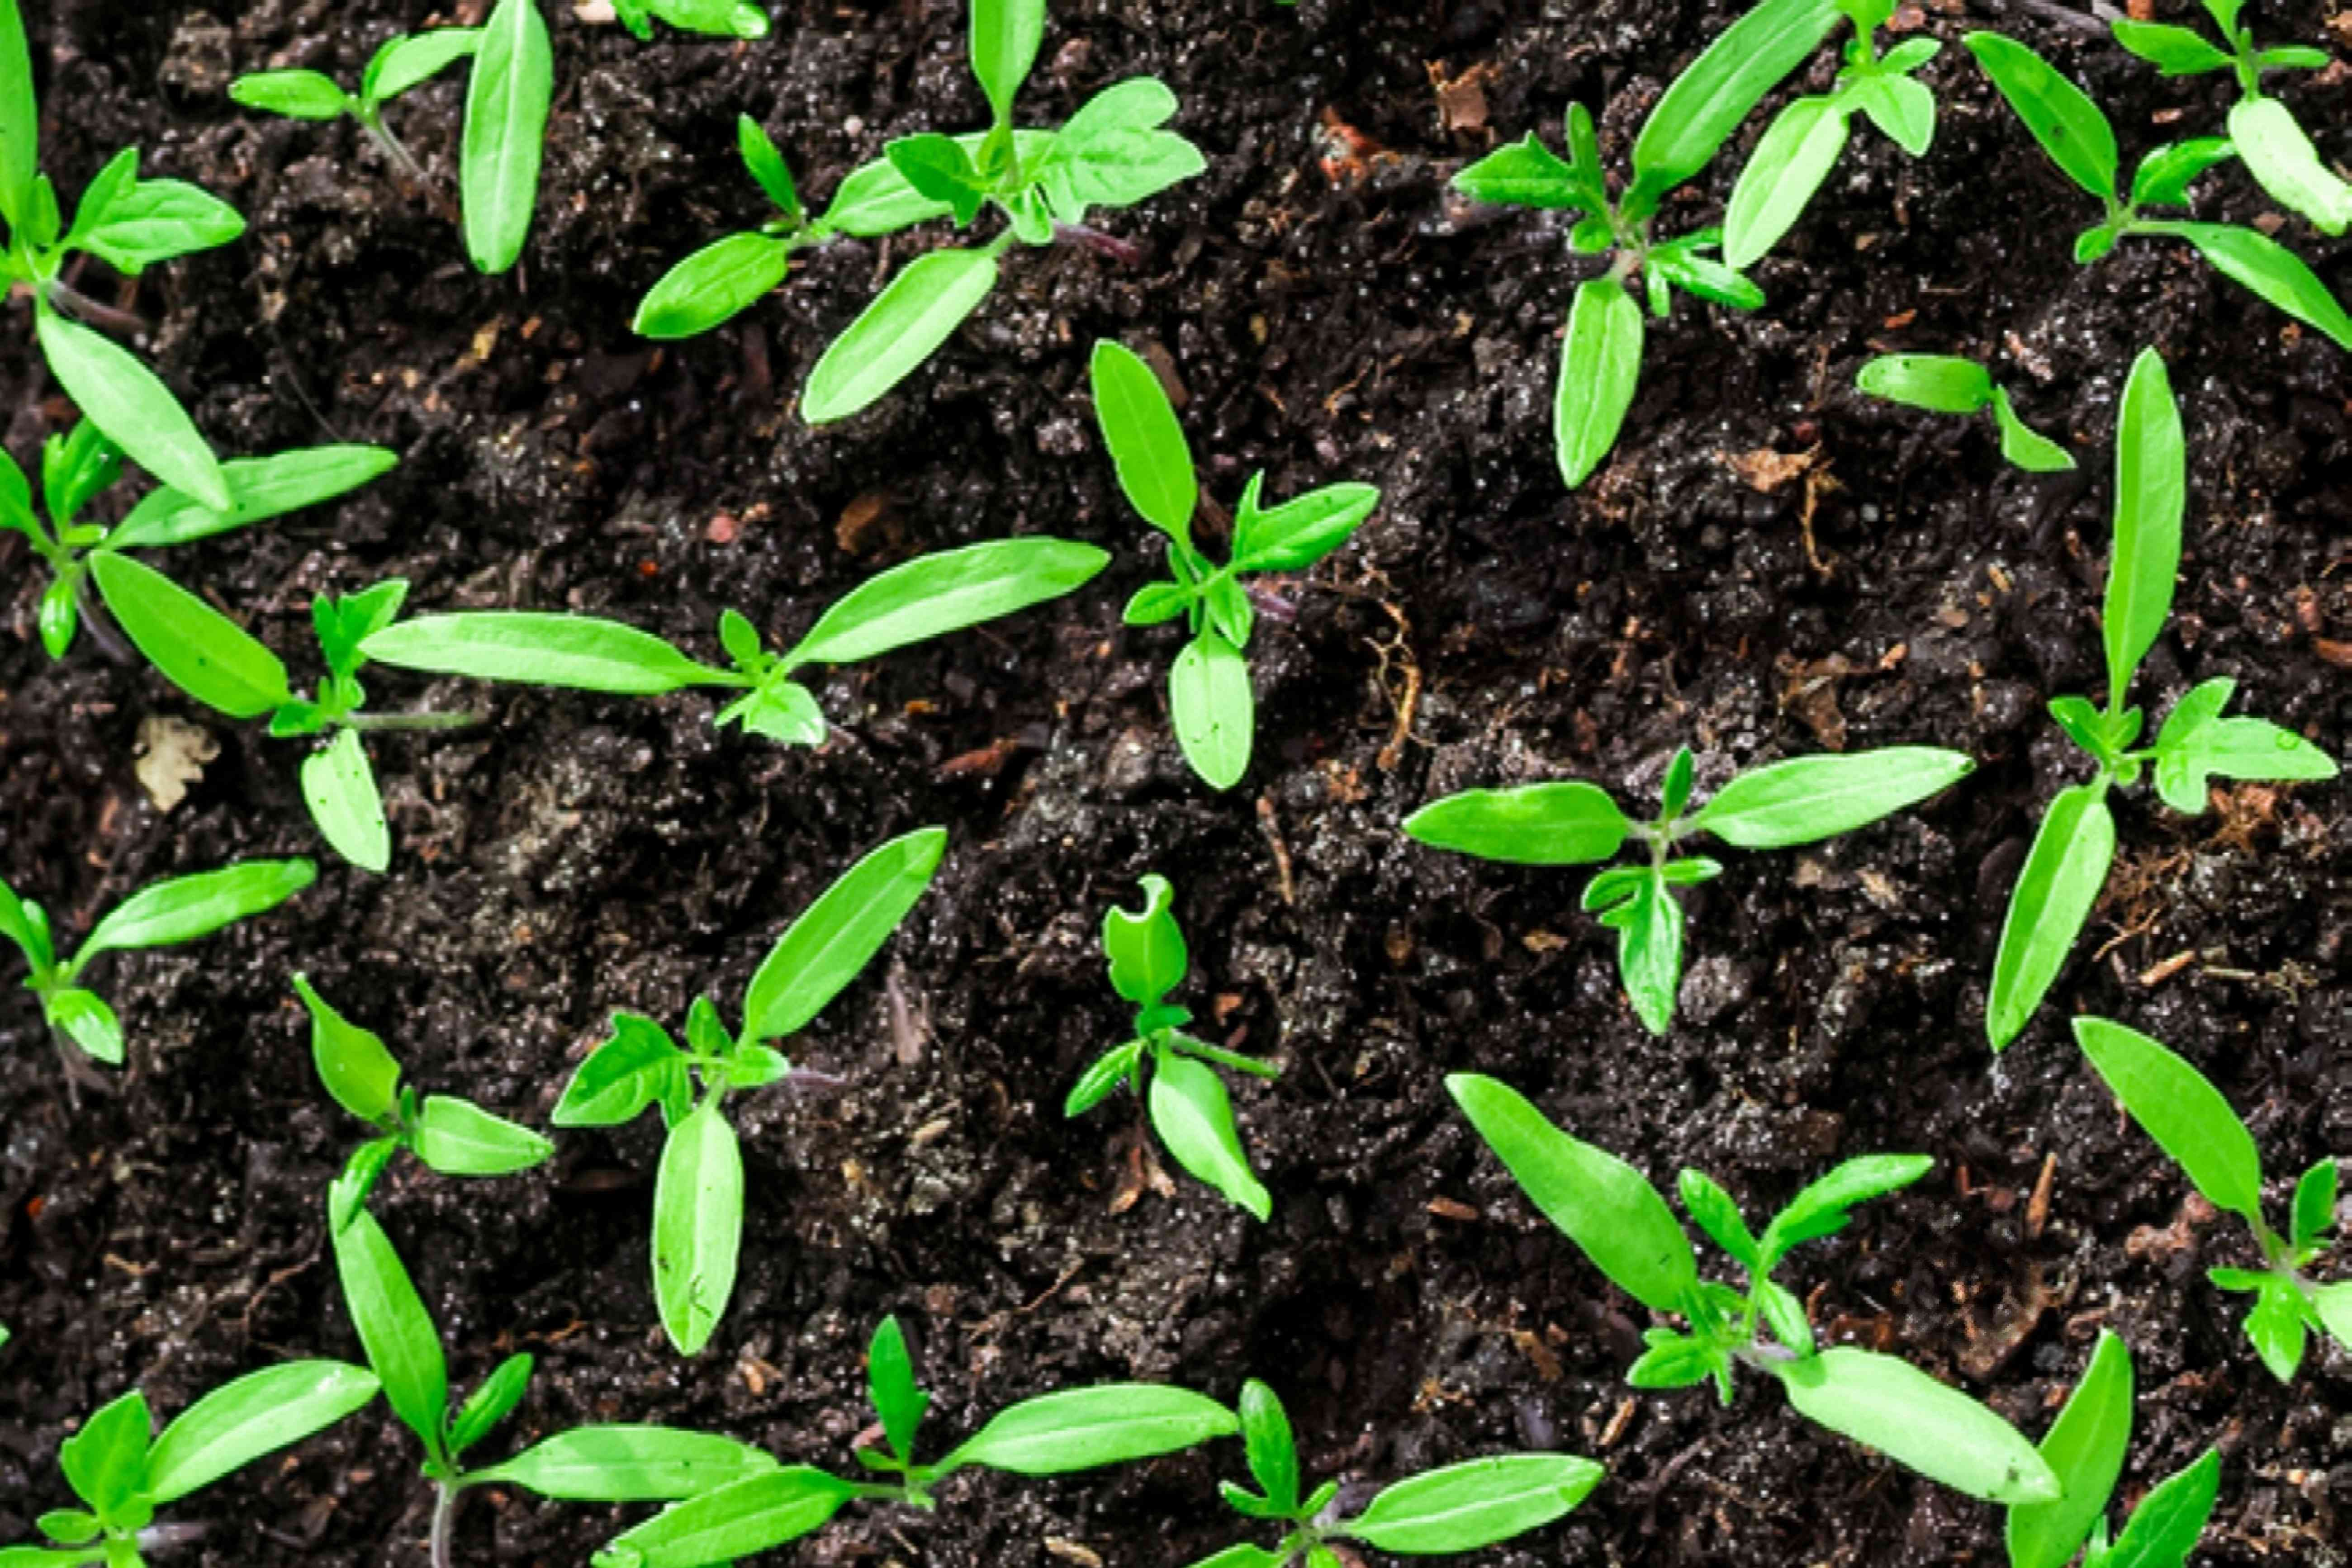 seedlings for transplant